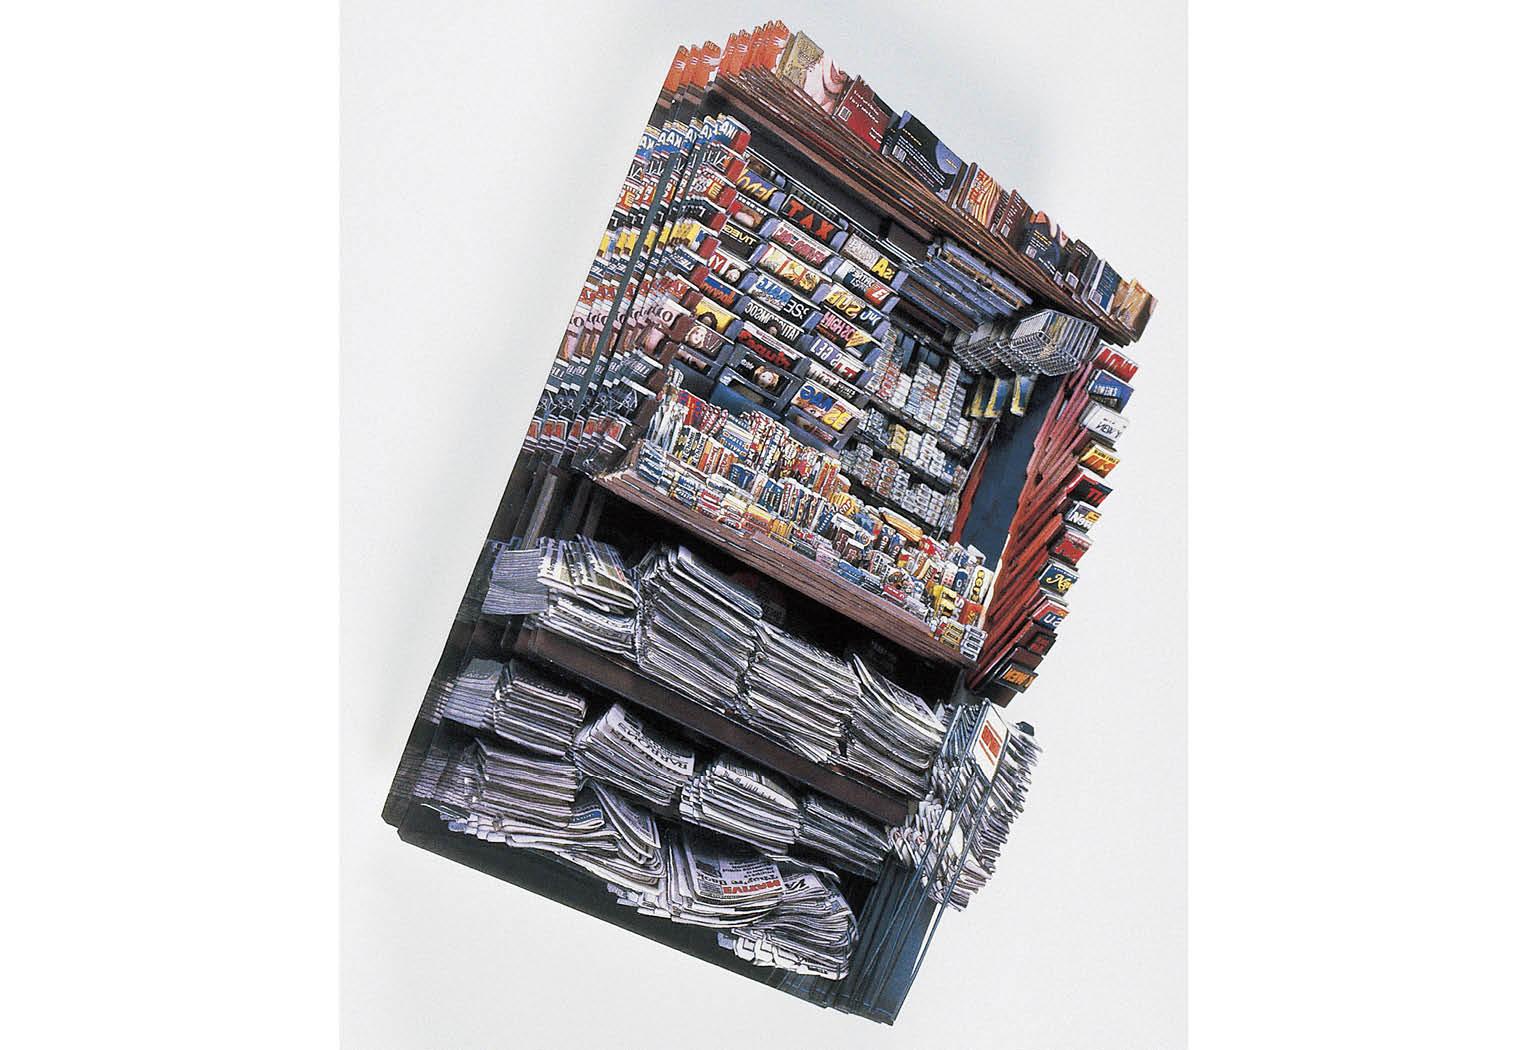 Newsstand No. 38 4/7-3D